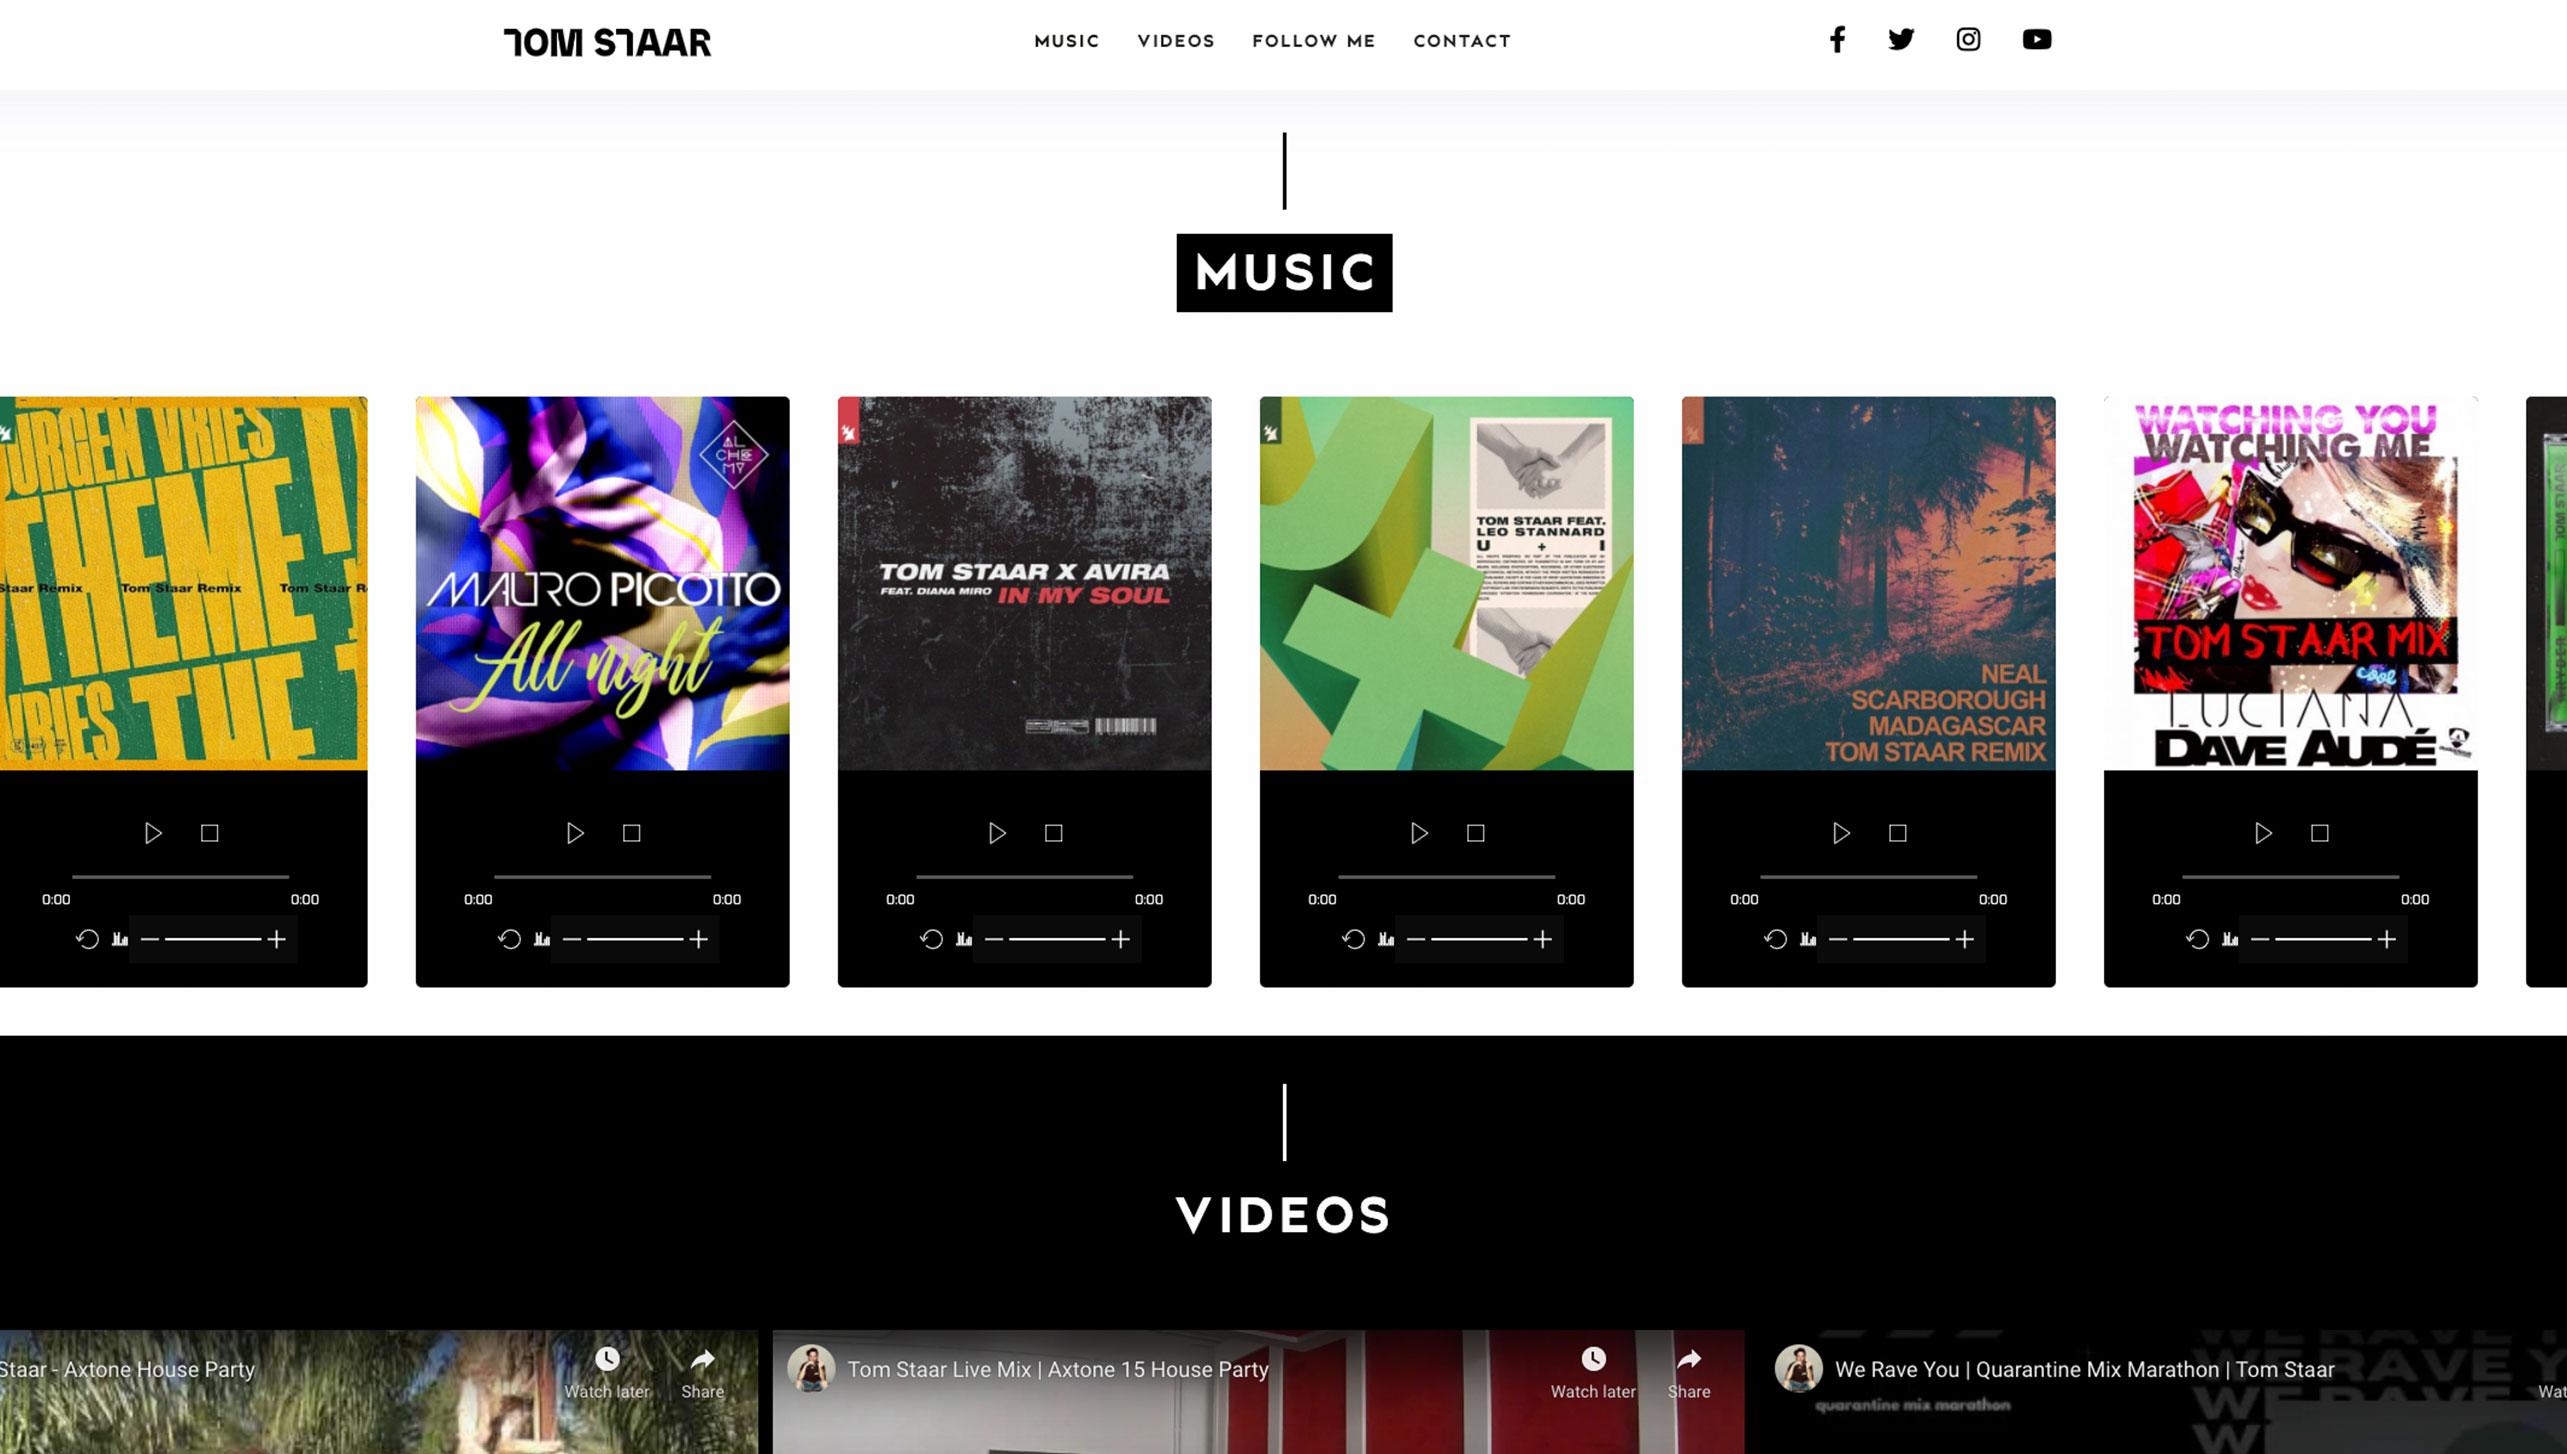 Tom Staar Website Image